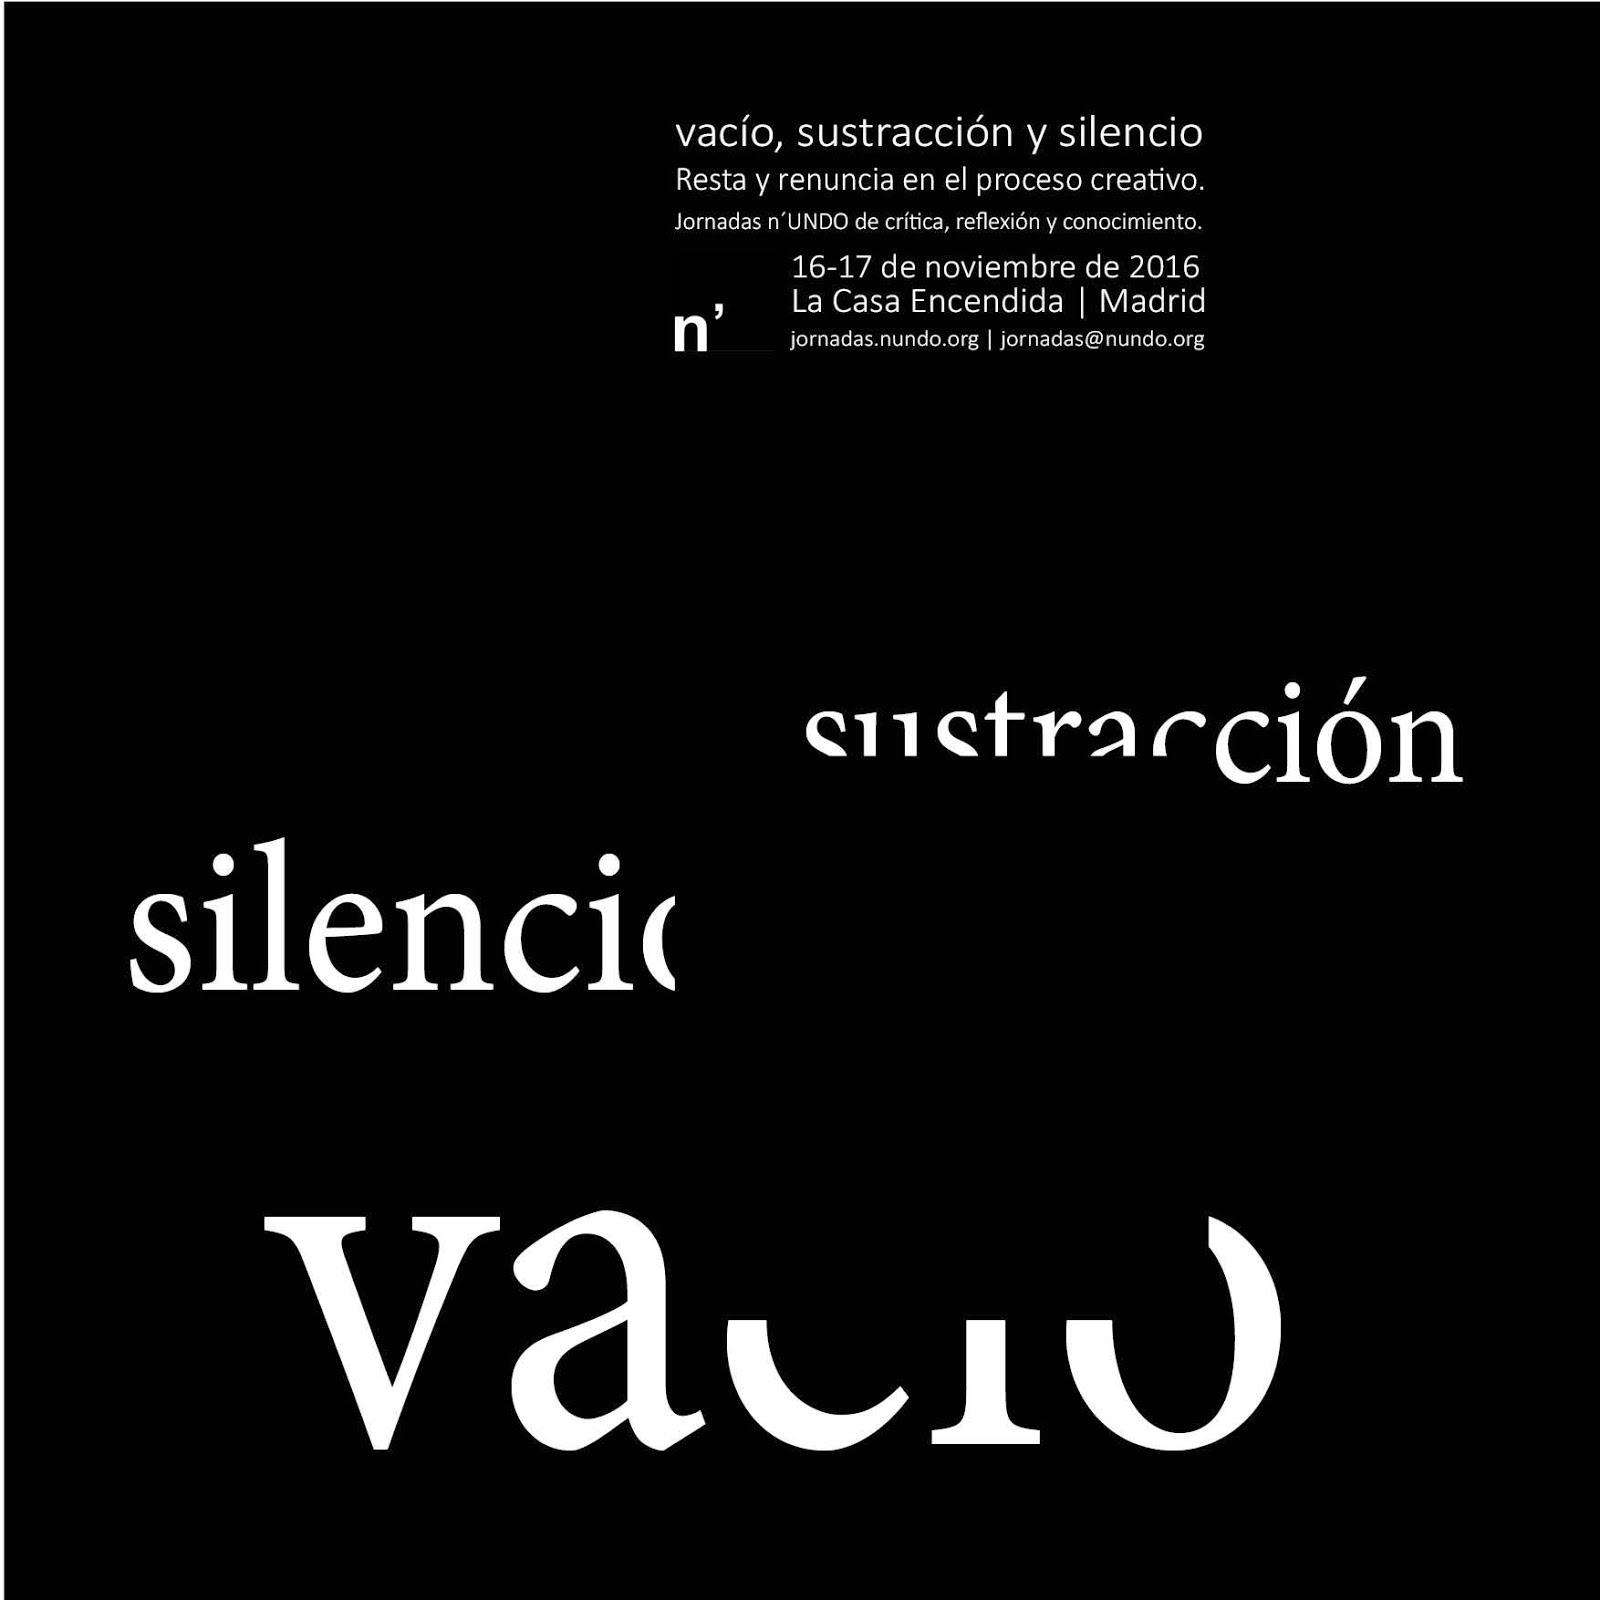 """JORNADAS """"VACIO, SUSTRACCIÓN Y SILENCIO"""""""